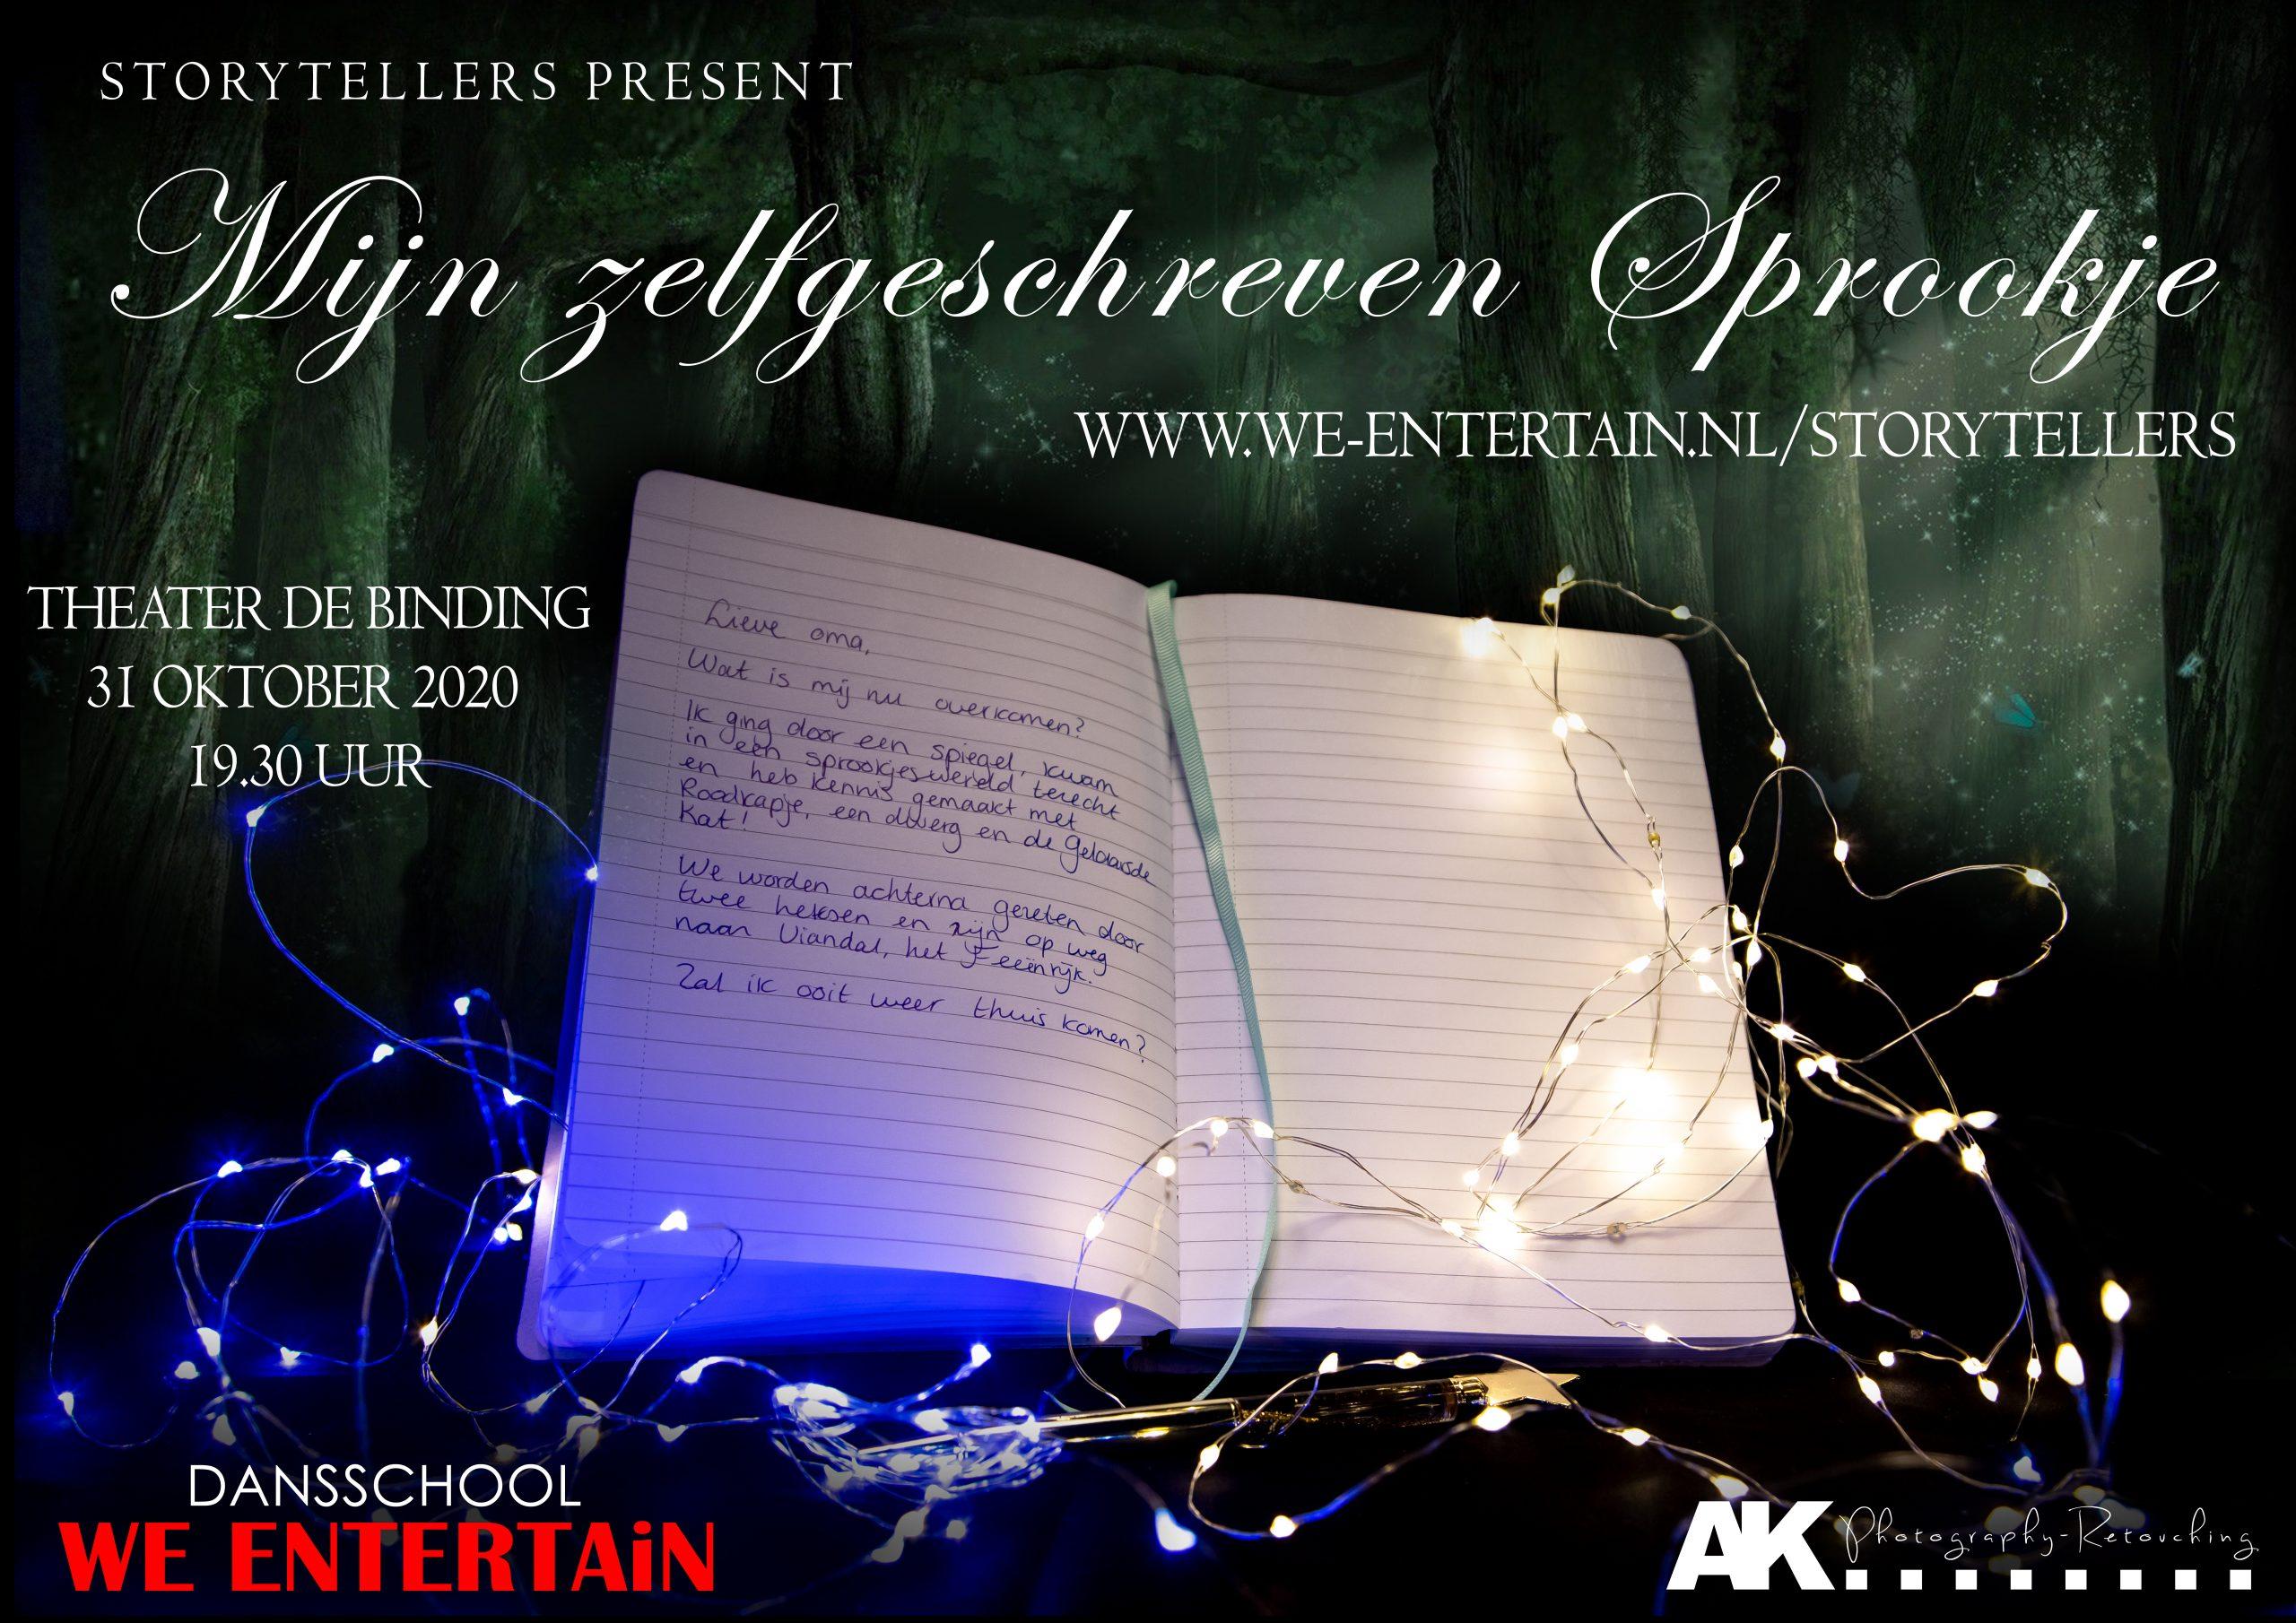 We Entertain – Storytellers 'Mijn Zelfgeschreven Sprookje'